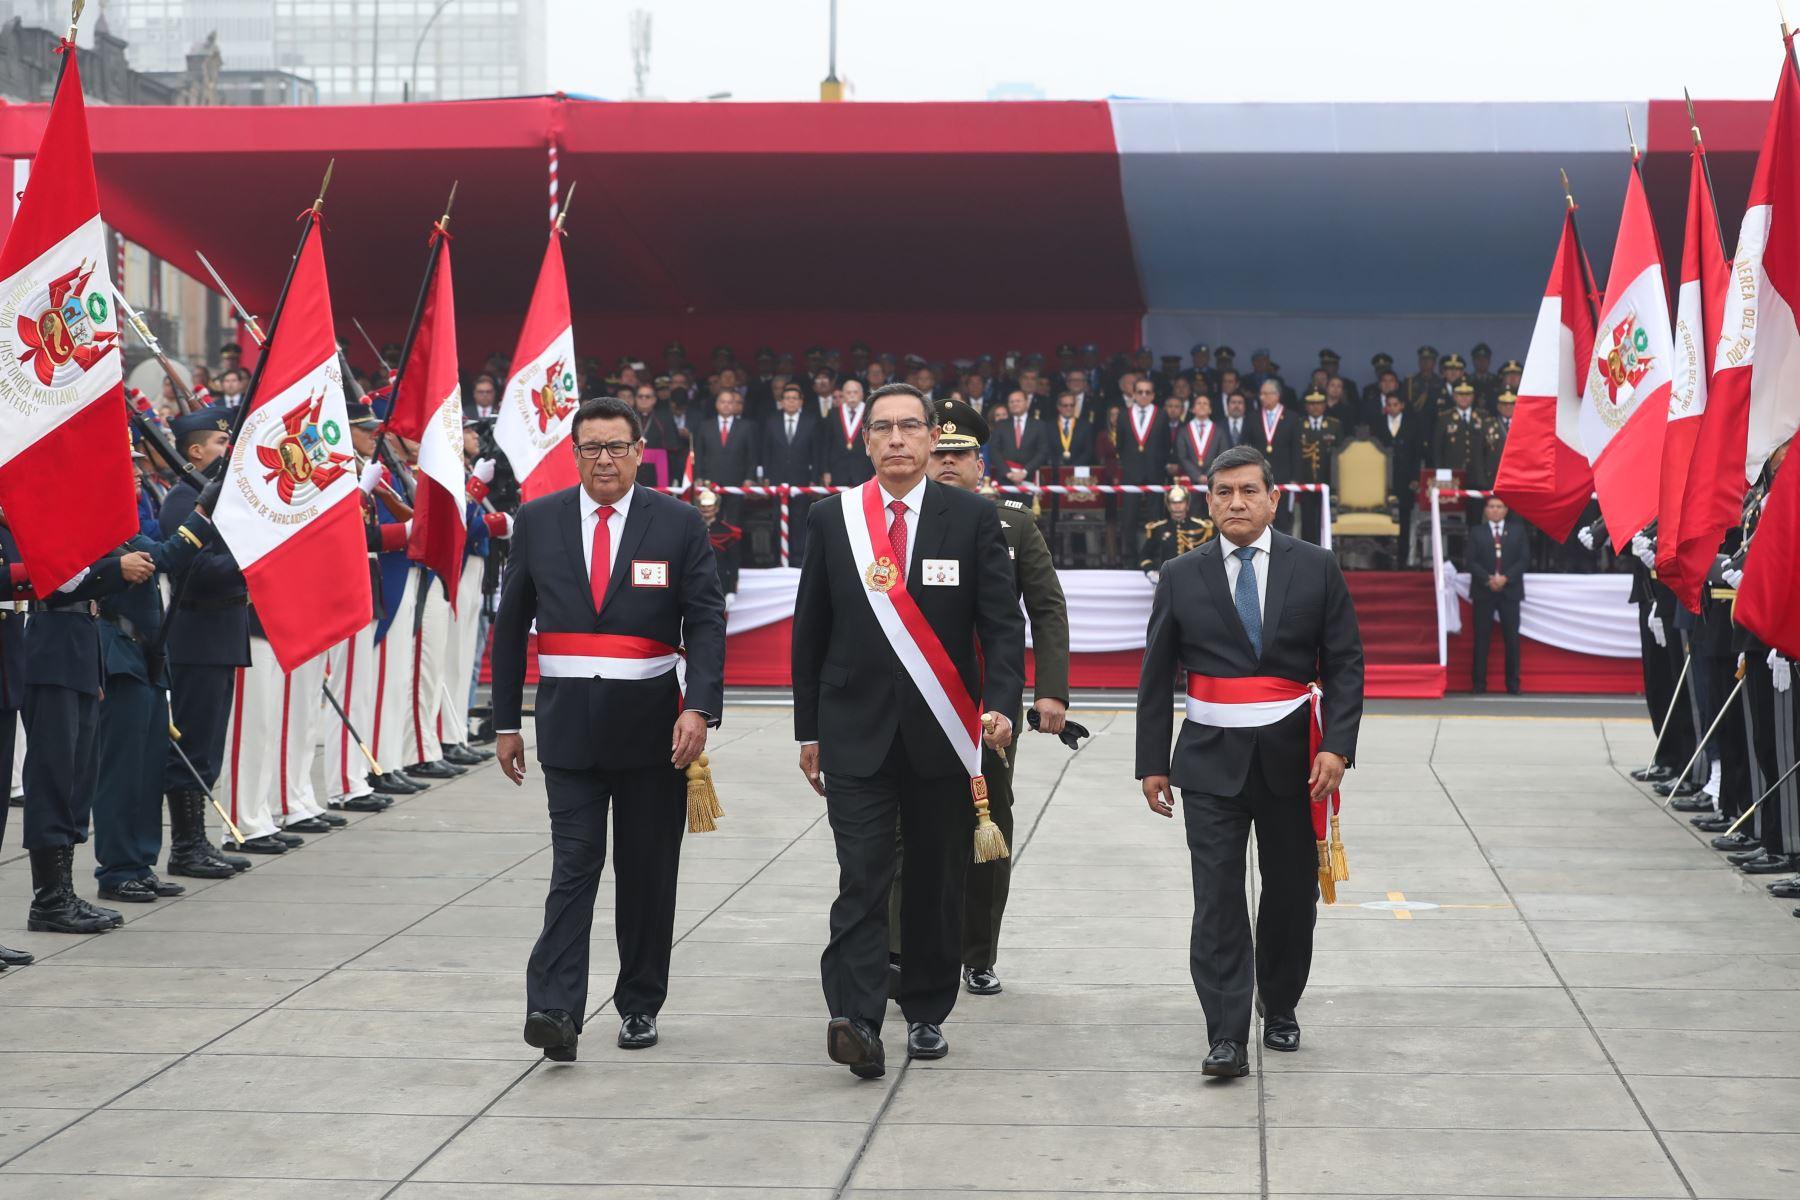 El presidente de la República, Martín Vizcarra, asiste a la ceremonia por el 139 Aniversario de la Batalla de Arica y Renovación del Juramento de Fidelidad a la Bandera. Foto: ANDINA/ MINDEF